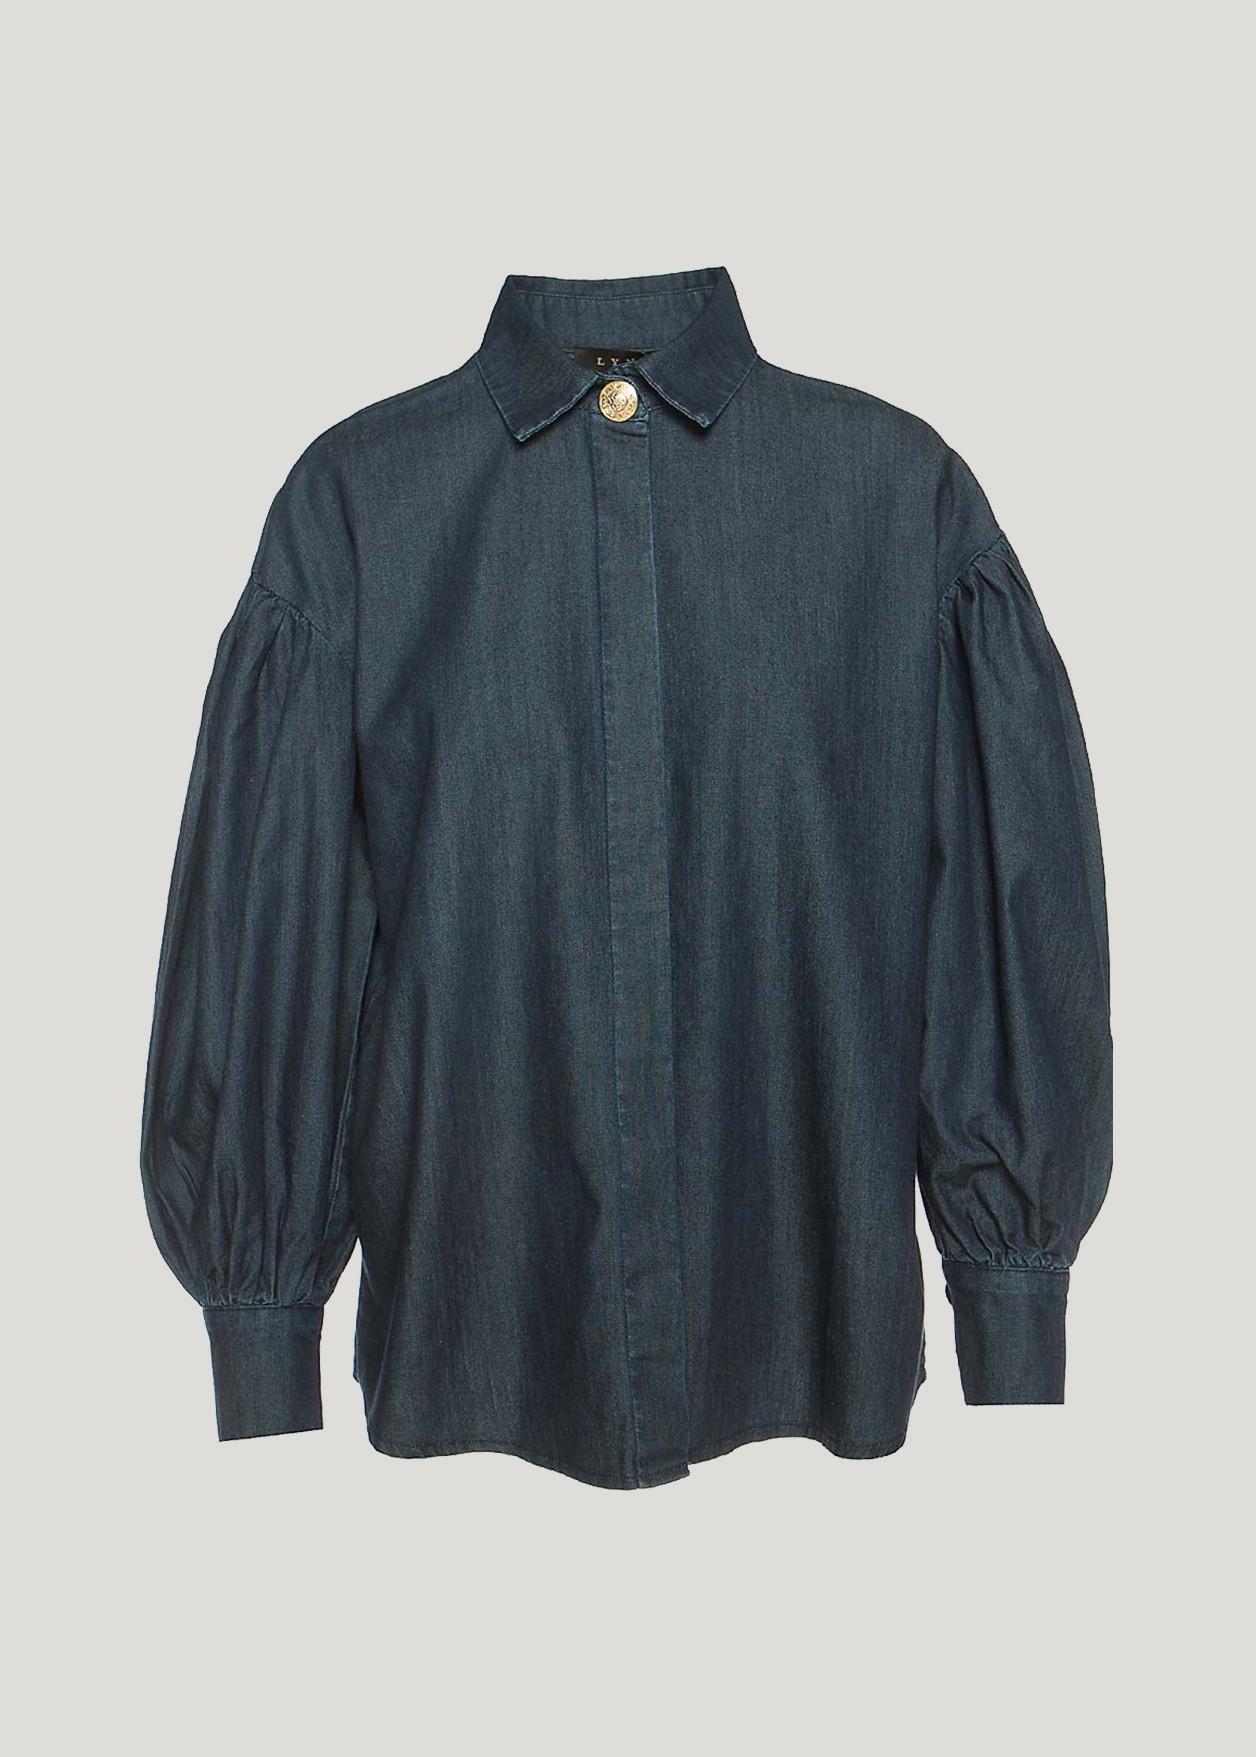 Τζιν πουκάμισο με φουσκωτά μανίκια